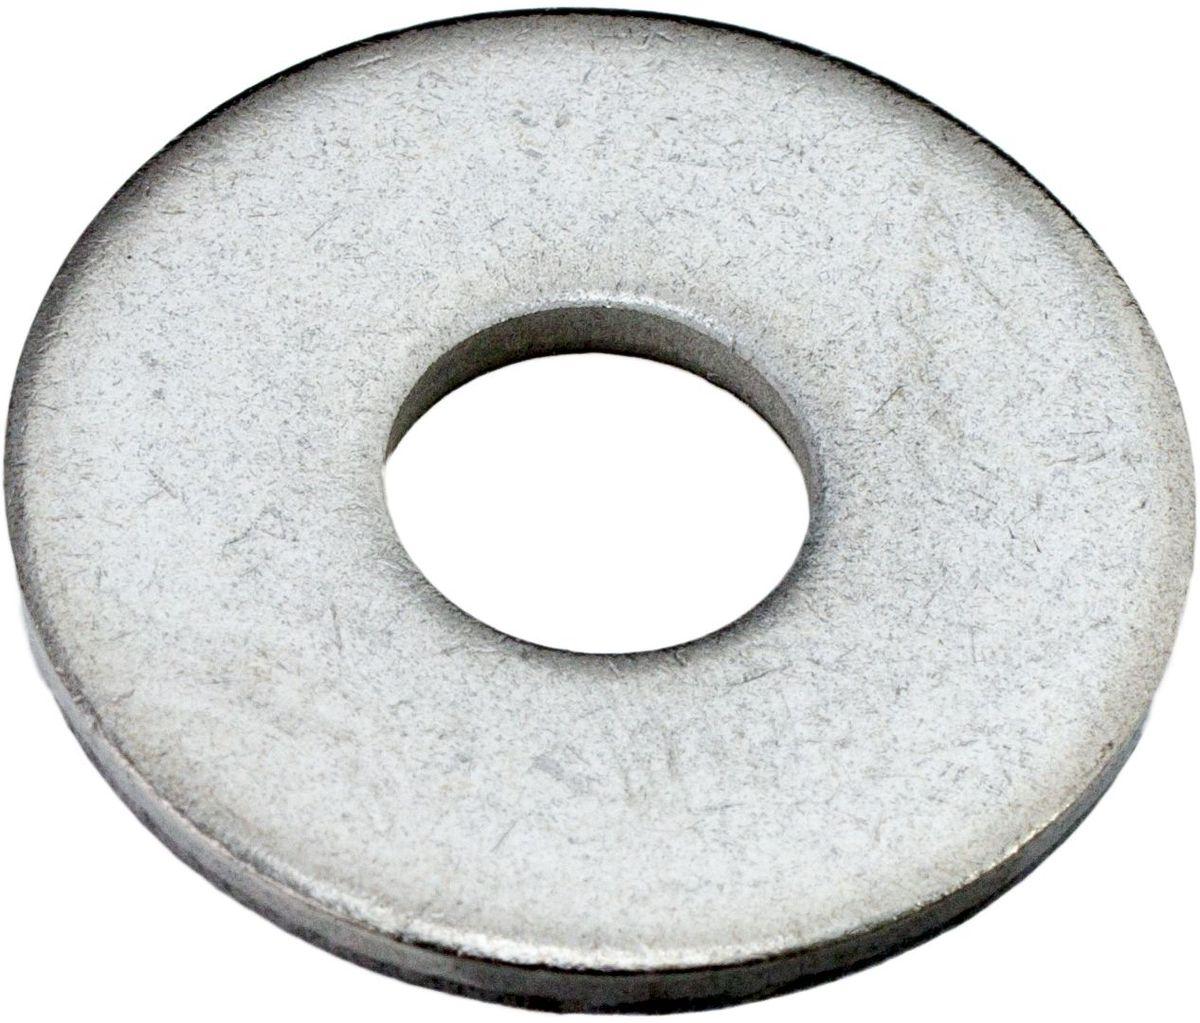 Шайба Стройбат, оцинкованная, кузовная, DIN 9021, 5 мм, 250 шт увеличенная шайба качественный крепеж плоская din 9021 м10 80 шт 0300967 кч